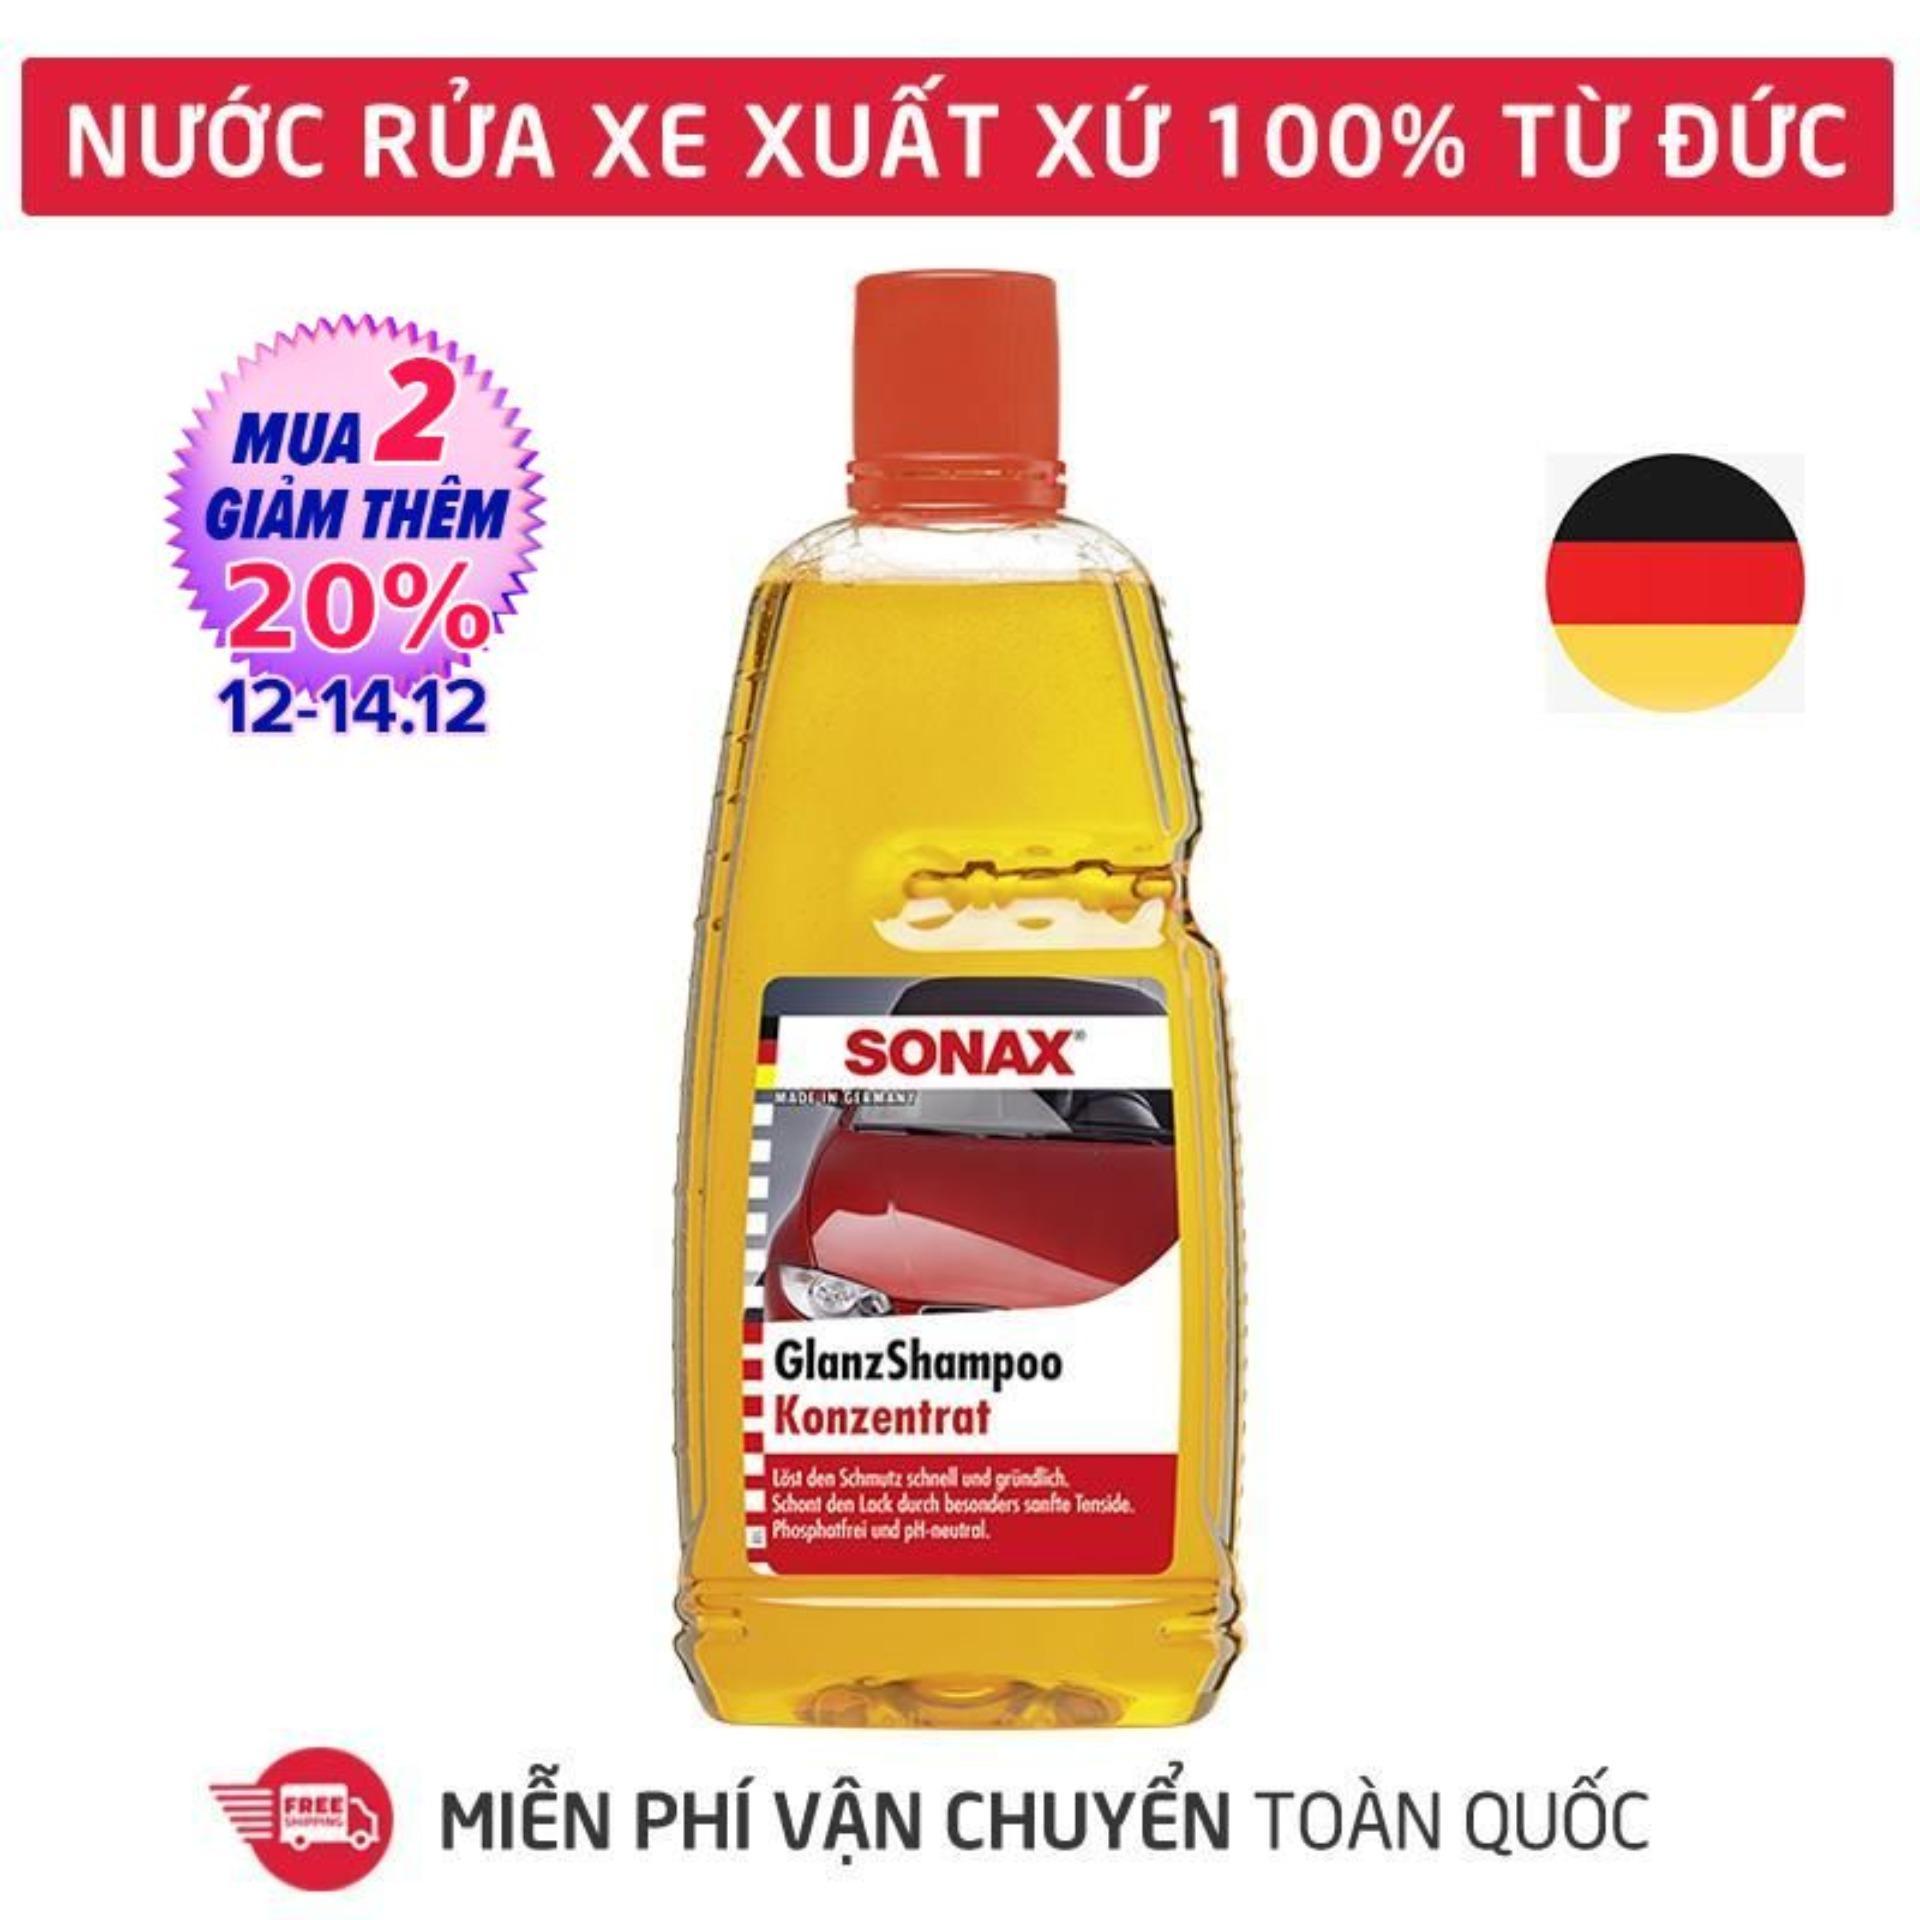 Giá Cực Sốc Khi Mua Dung Dịch Rửa Xe,Nước Rửa Xe đậm đặc,chai Dung Dịch Rửa Và Làm Bóng Xe Hơi, ôtô, Xe Máy, Honda, Moto, Xe Tải, Xe Khách Tạo Bọt Tuyết Hương Thơm Sonax Gloss Shampoo 1000ml_SN-314300